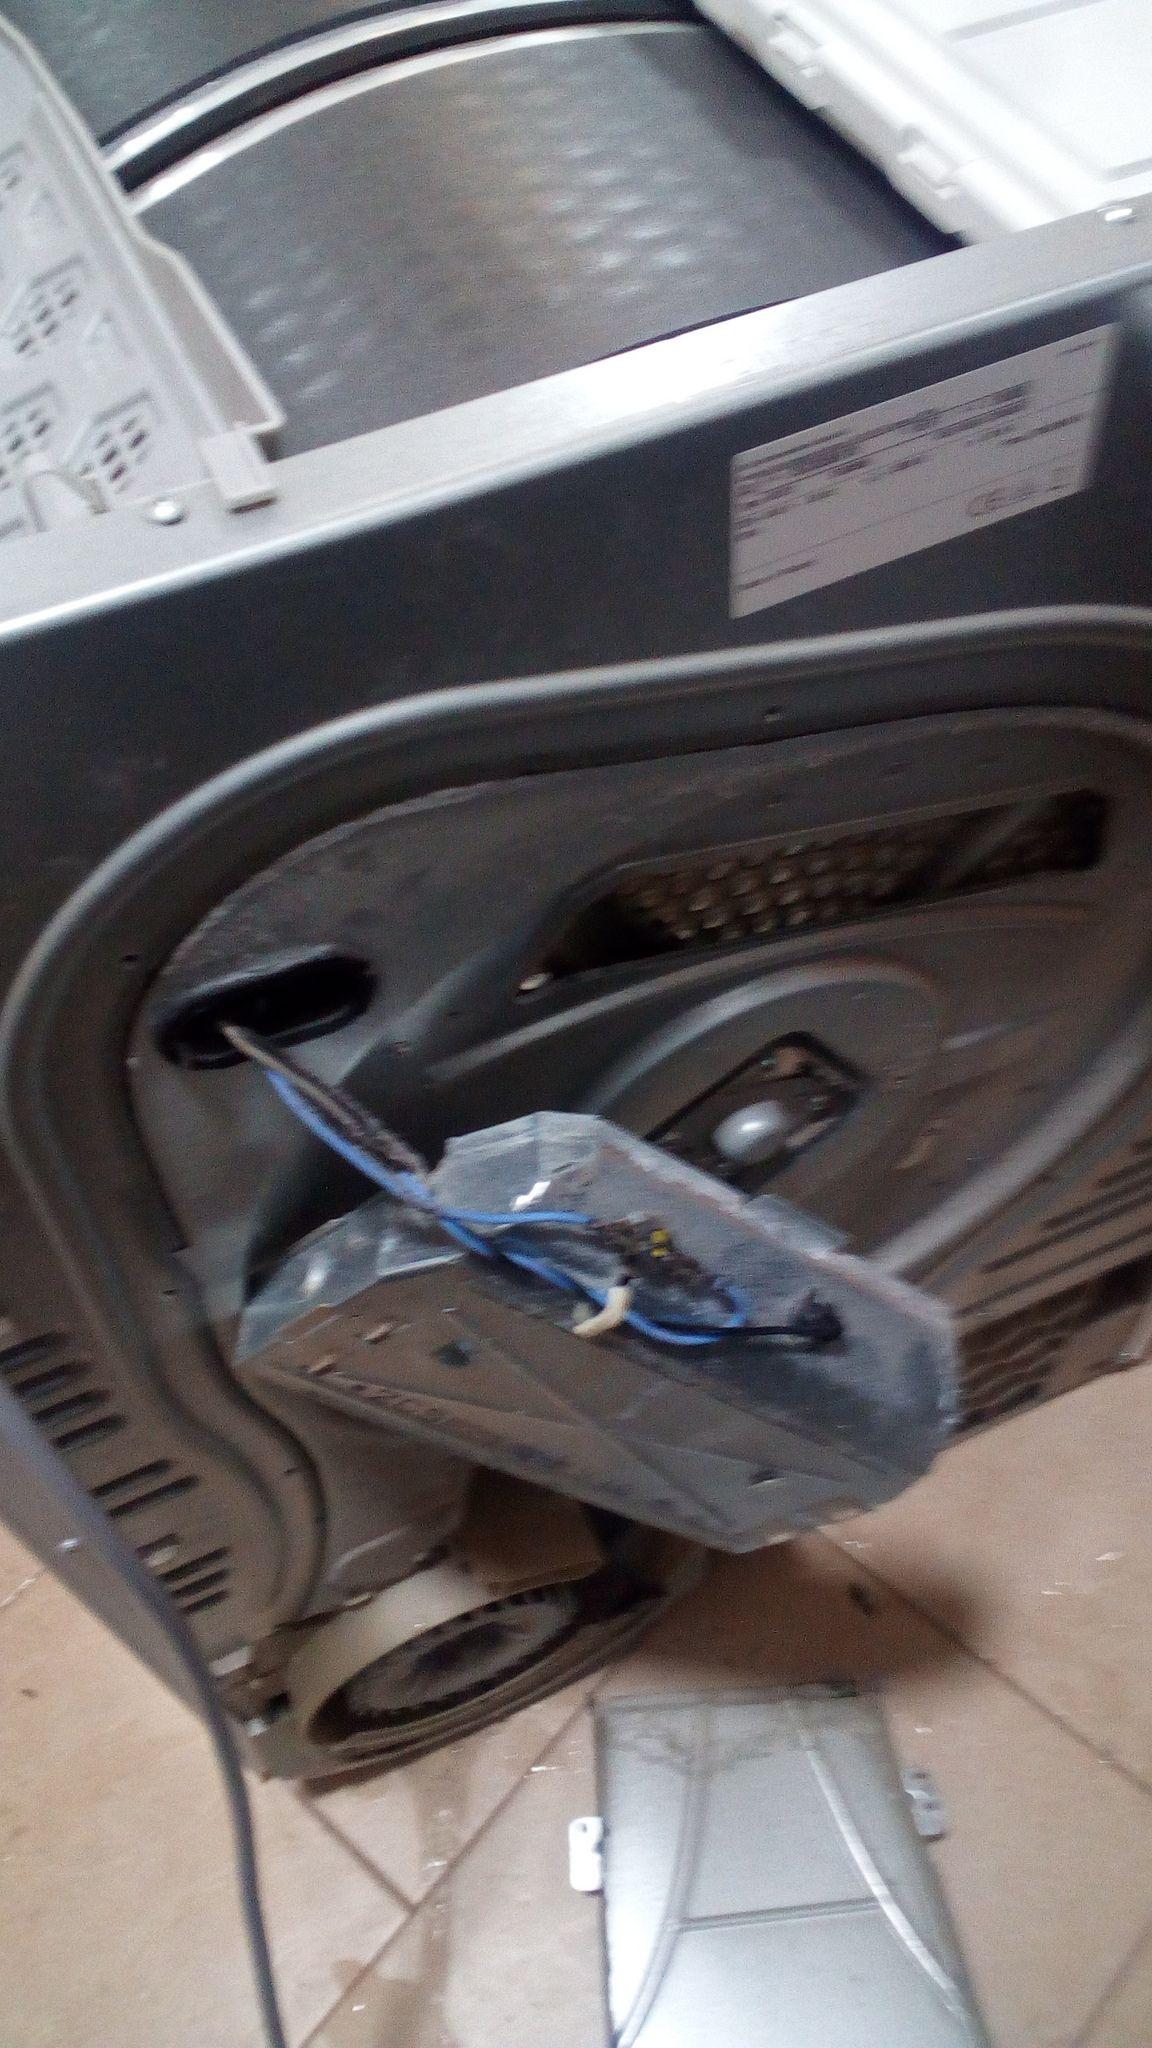 Limpieza De Sacadora Bosh Limpieza Electrodomesticos Y Servicio